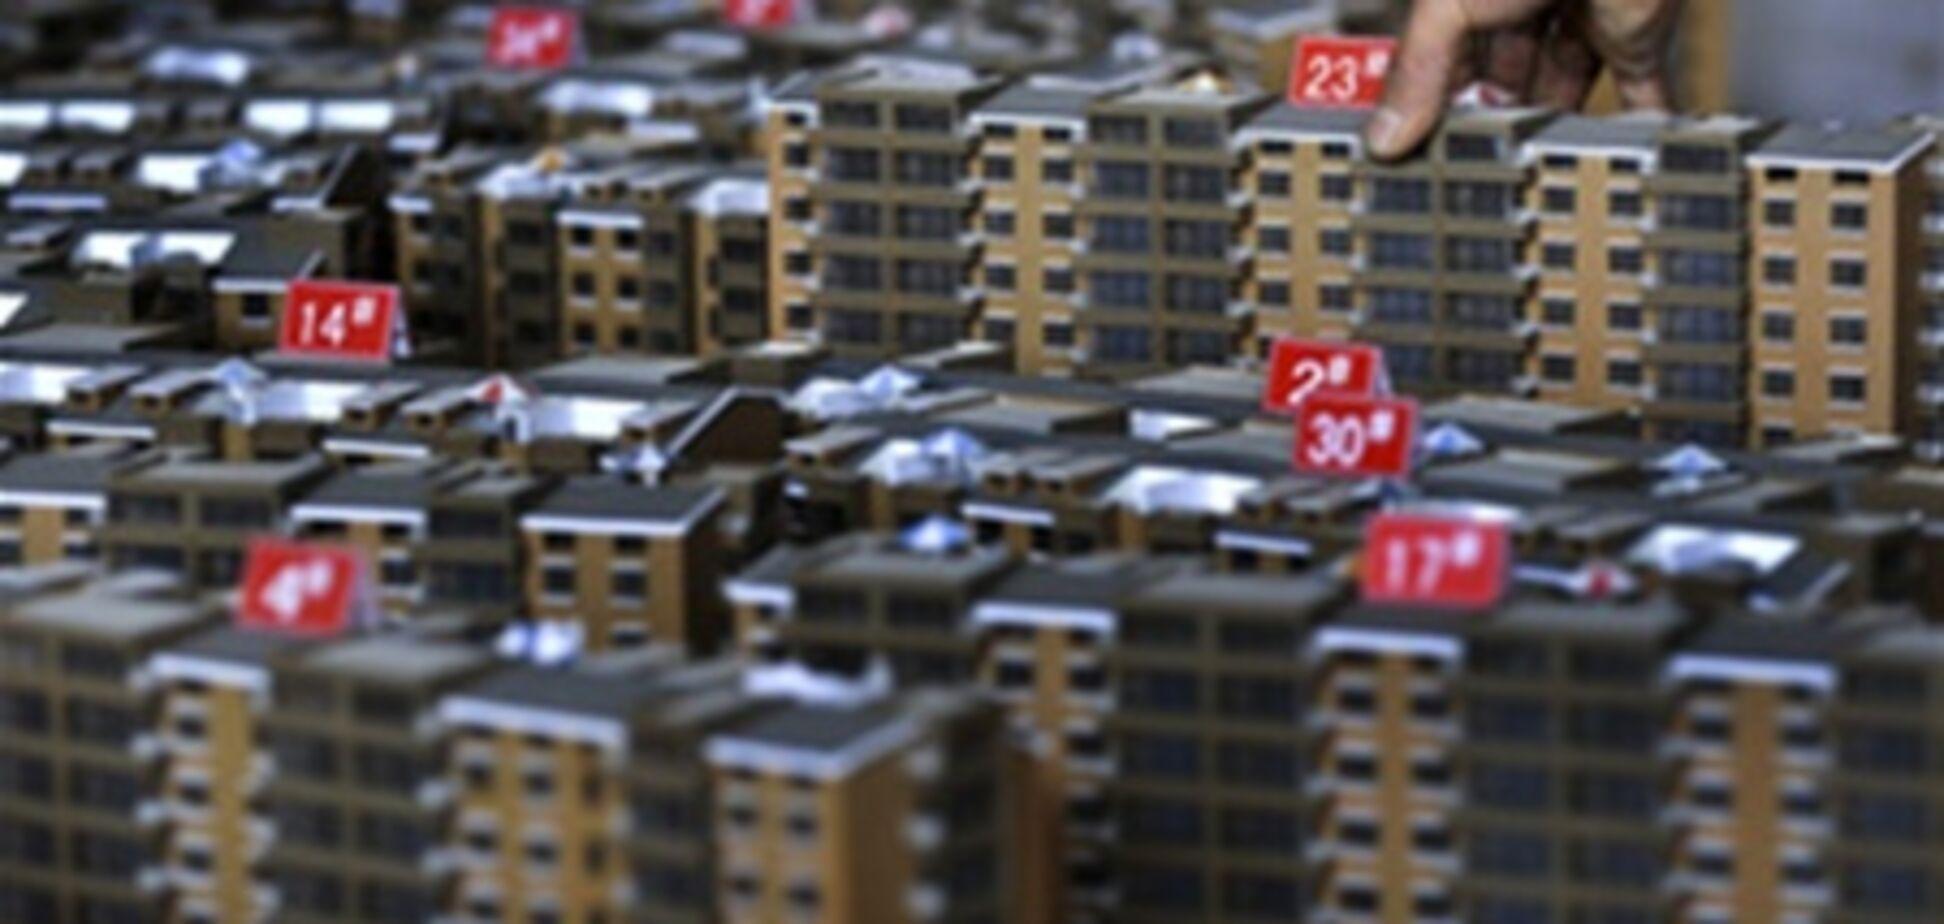 Американский миллиардер приобрел в Берлине более 100 зданий